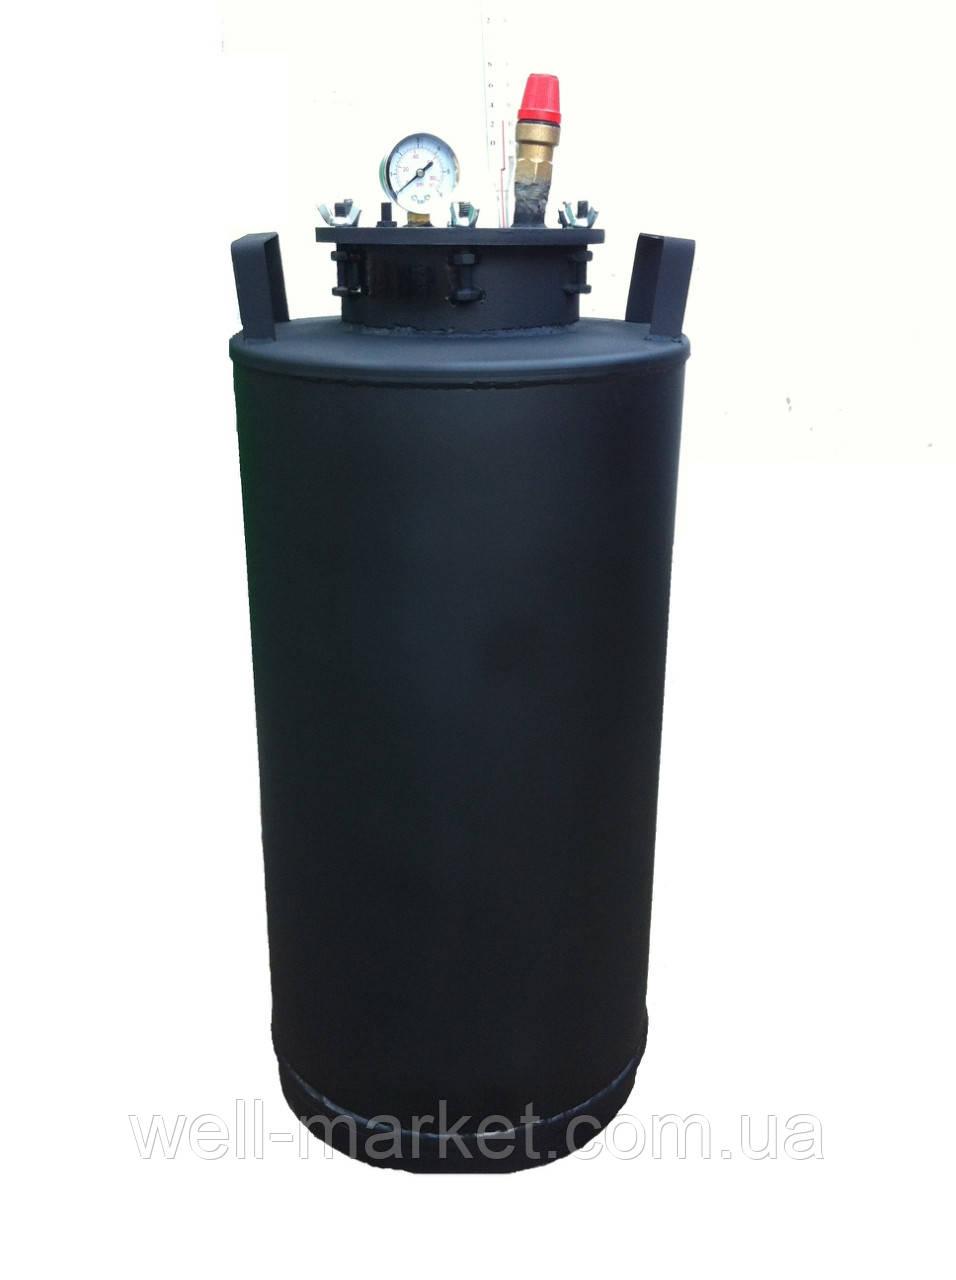 Автоклав домашний для консервирования на 15 литровых (32 пол-литровых) банок